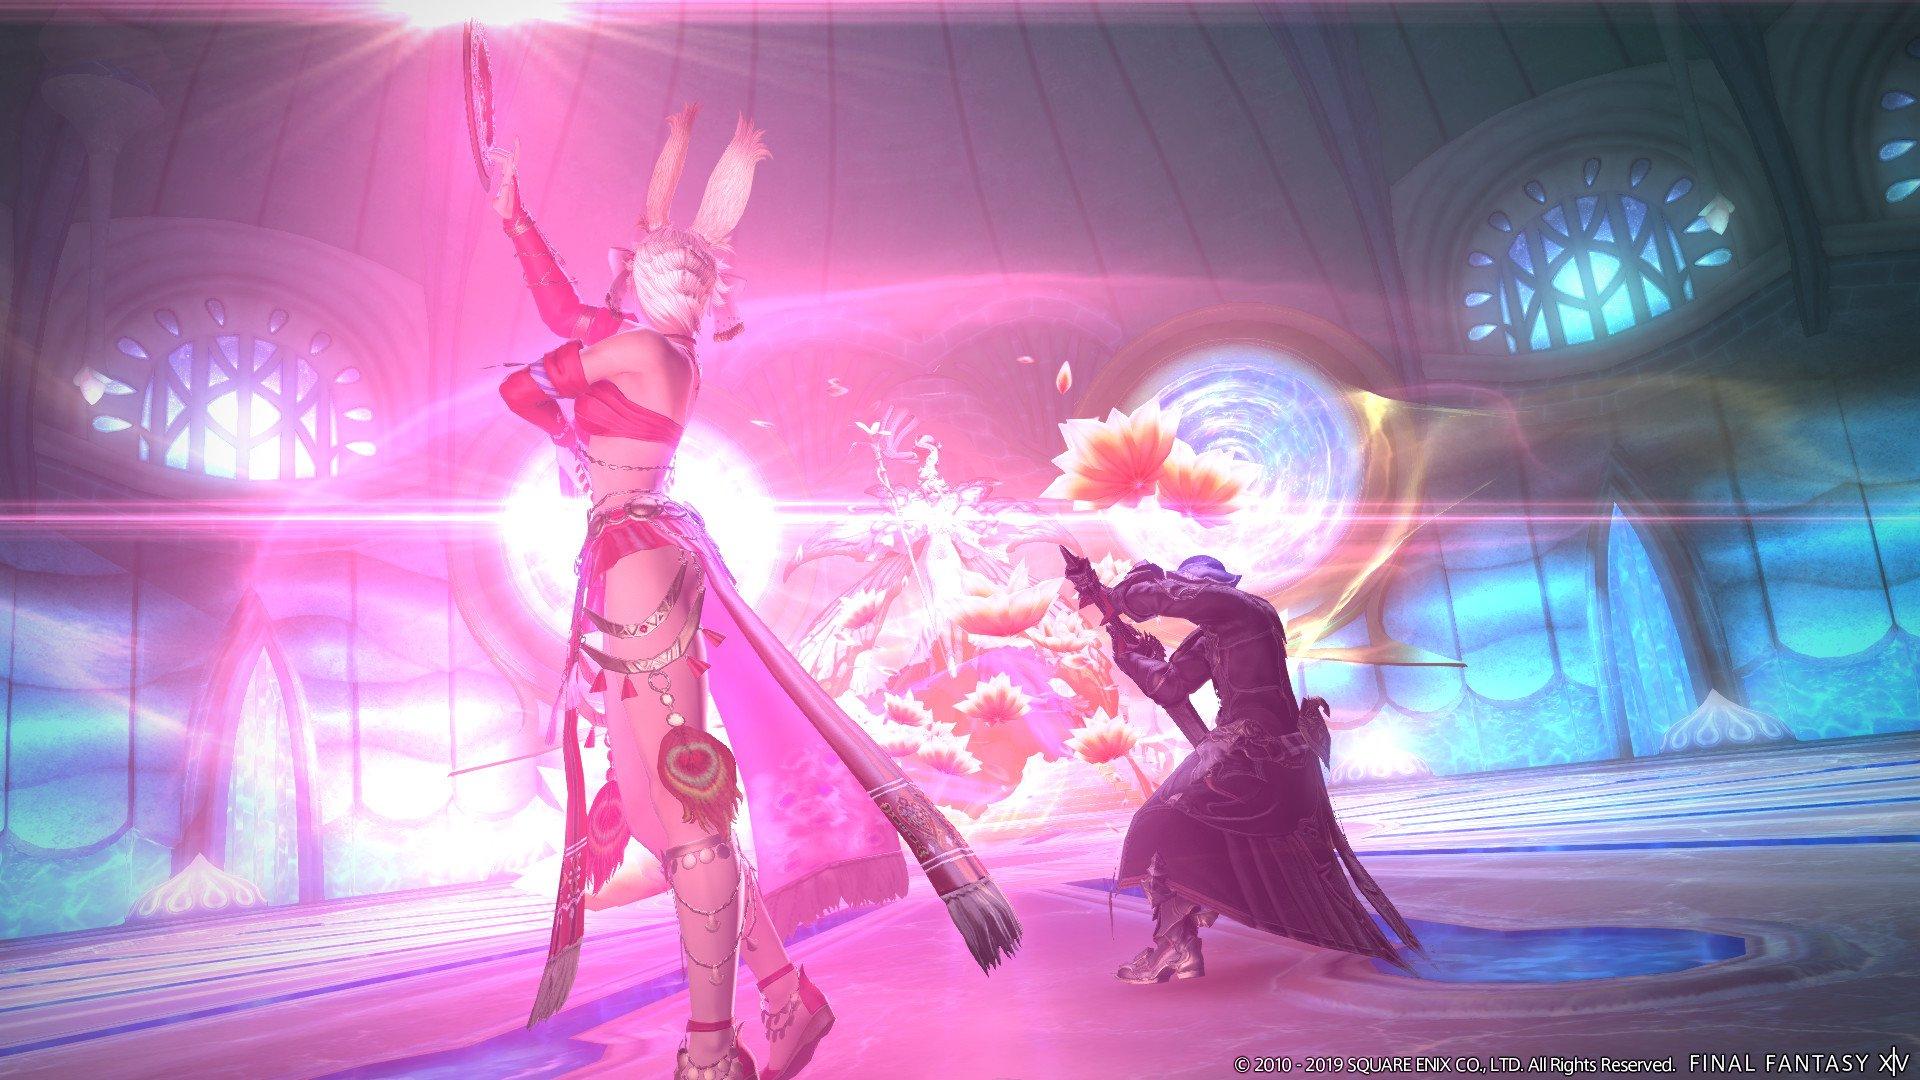 Final Fantasy XIV: Shadowbringers hands-on impressions | Shacknews